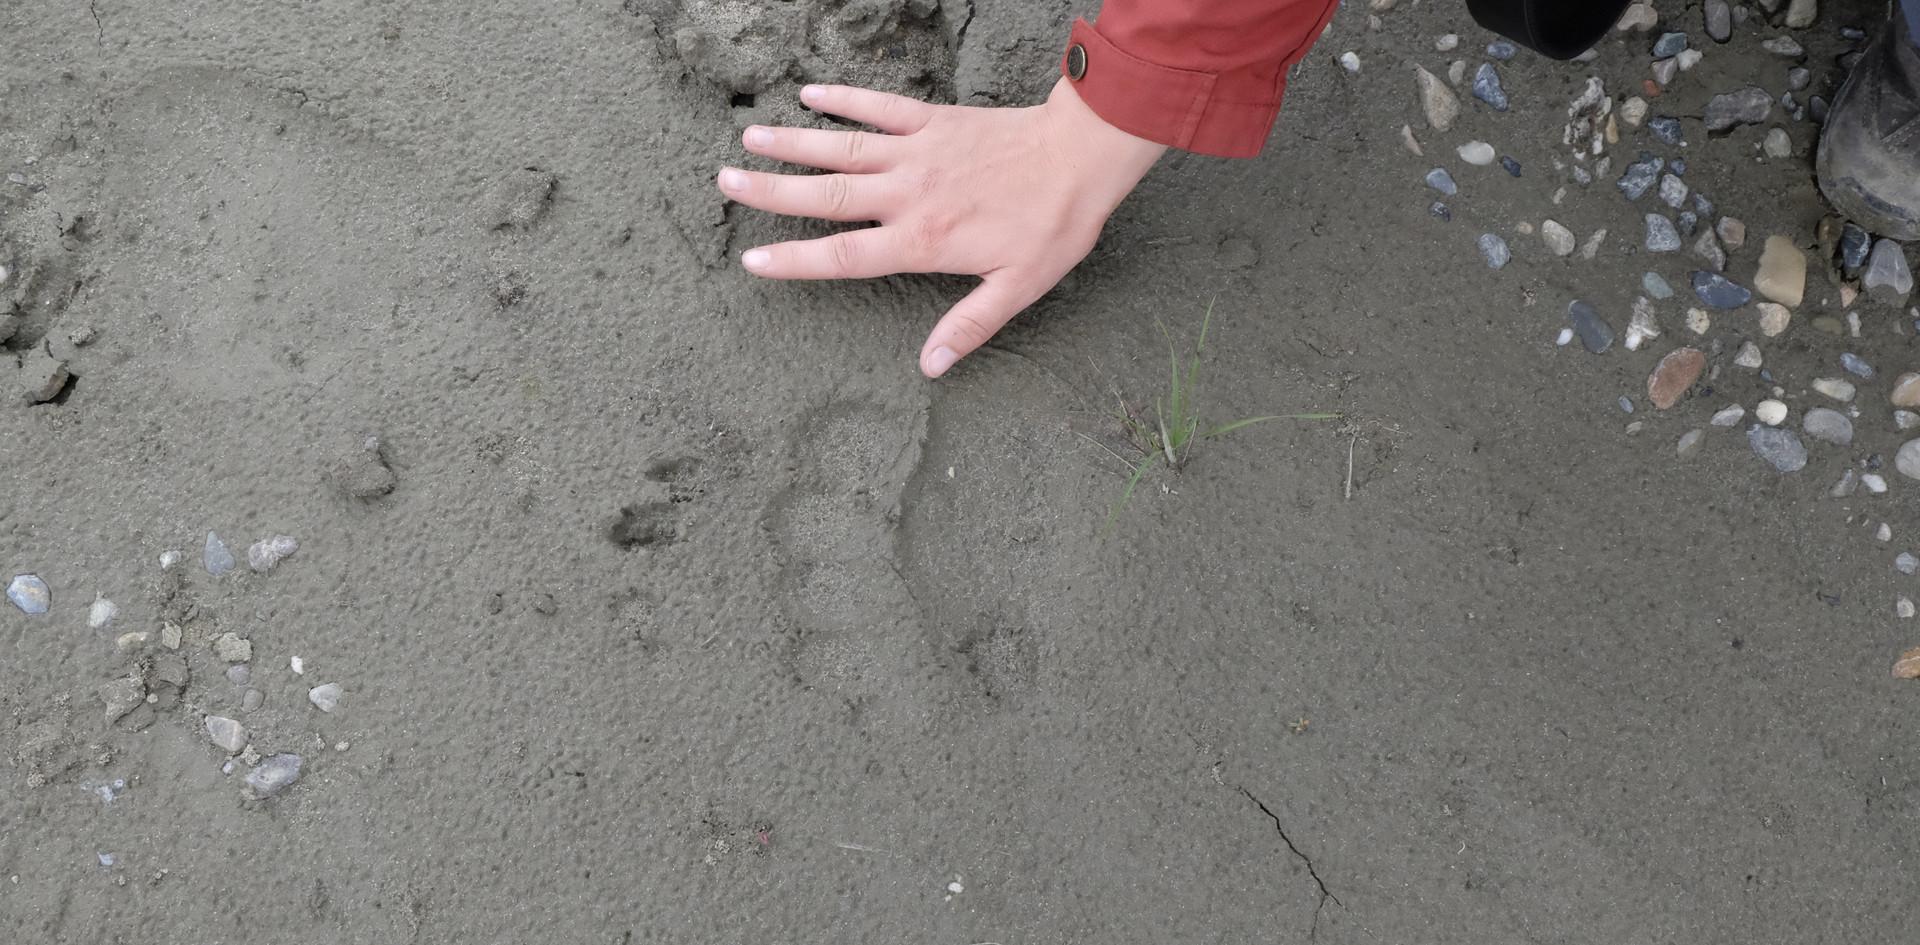 Die Vorderpfote eines Schwarzbären im Vergleich zur Hand einer jungen Frau.